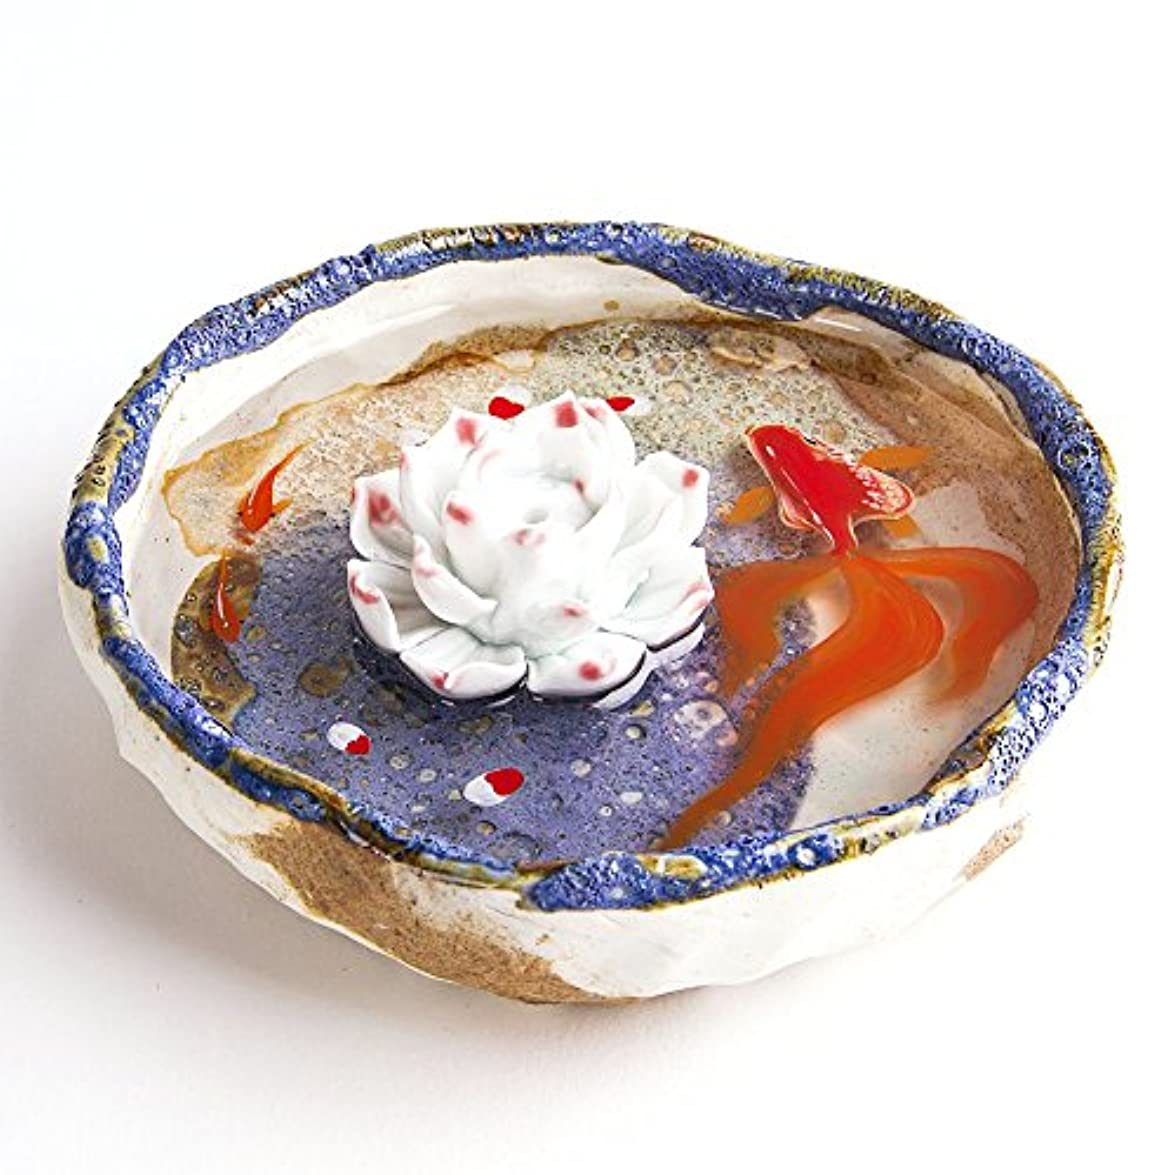 統計法律により形お香立て お香たて 香の器 お香を焚いて 香皿,陶磁器、ブルー